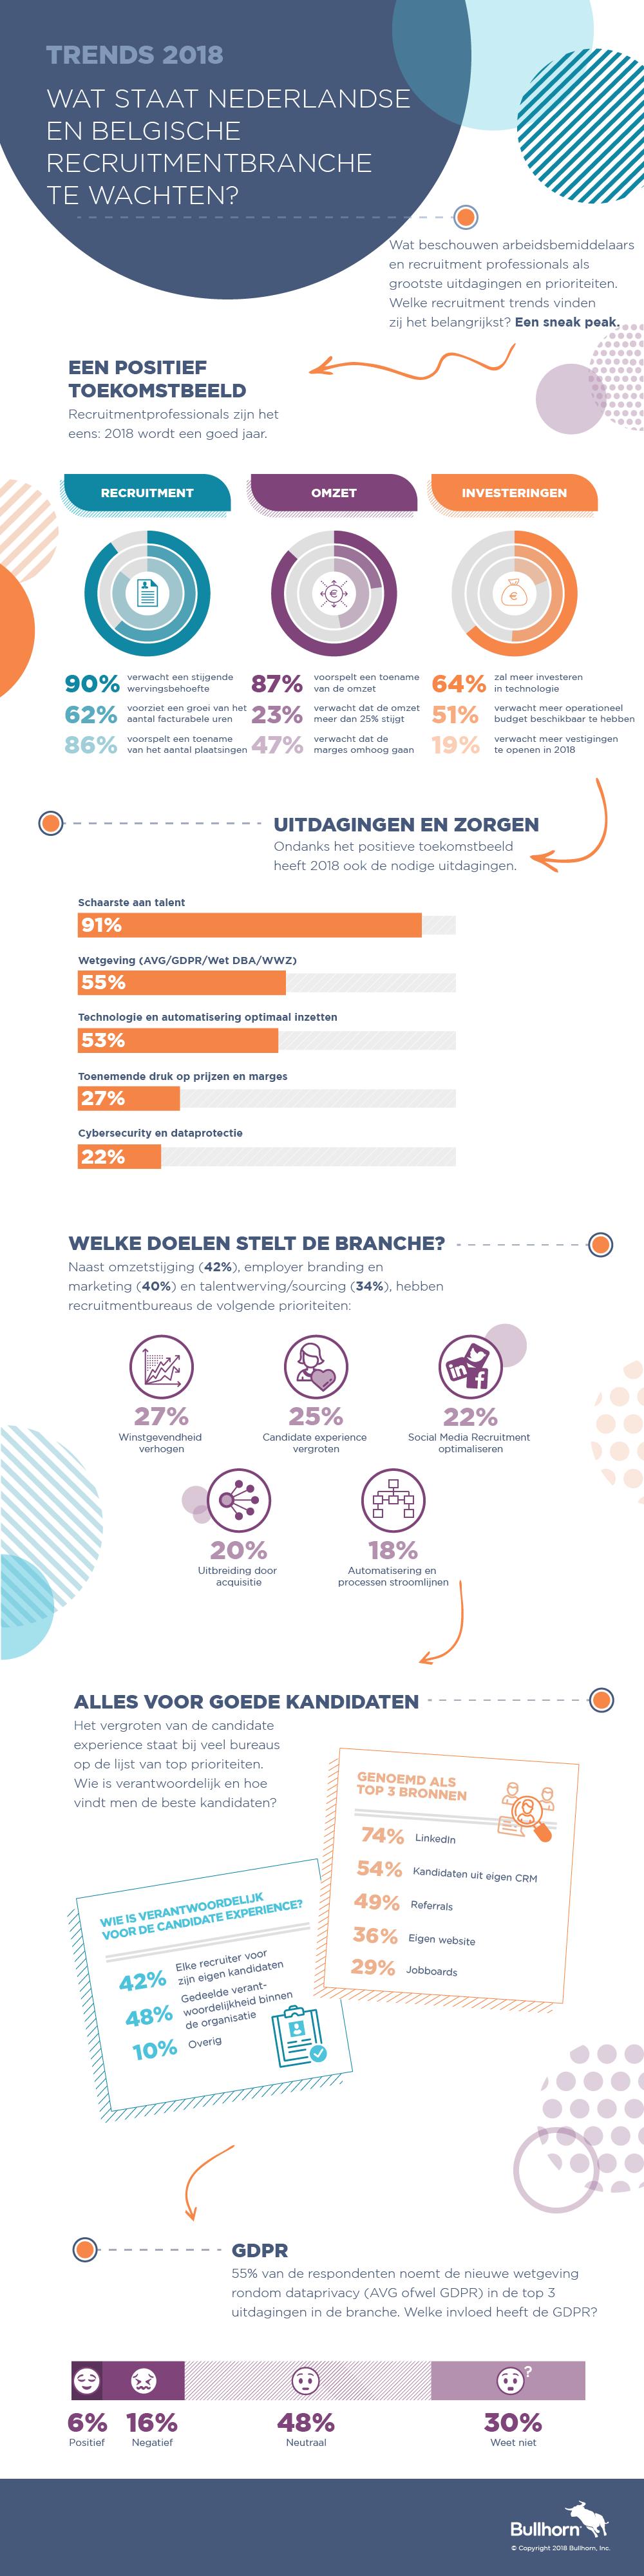 Infographic trendrapport Bullhorn, 2018